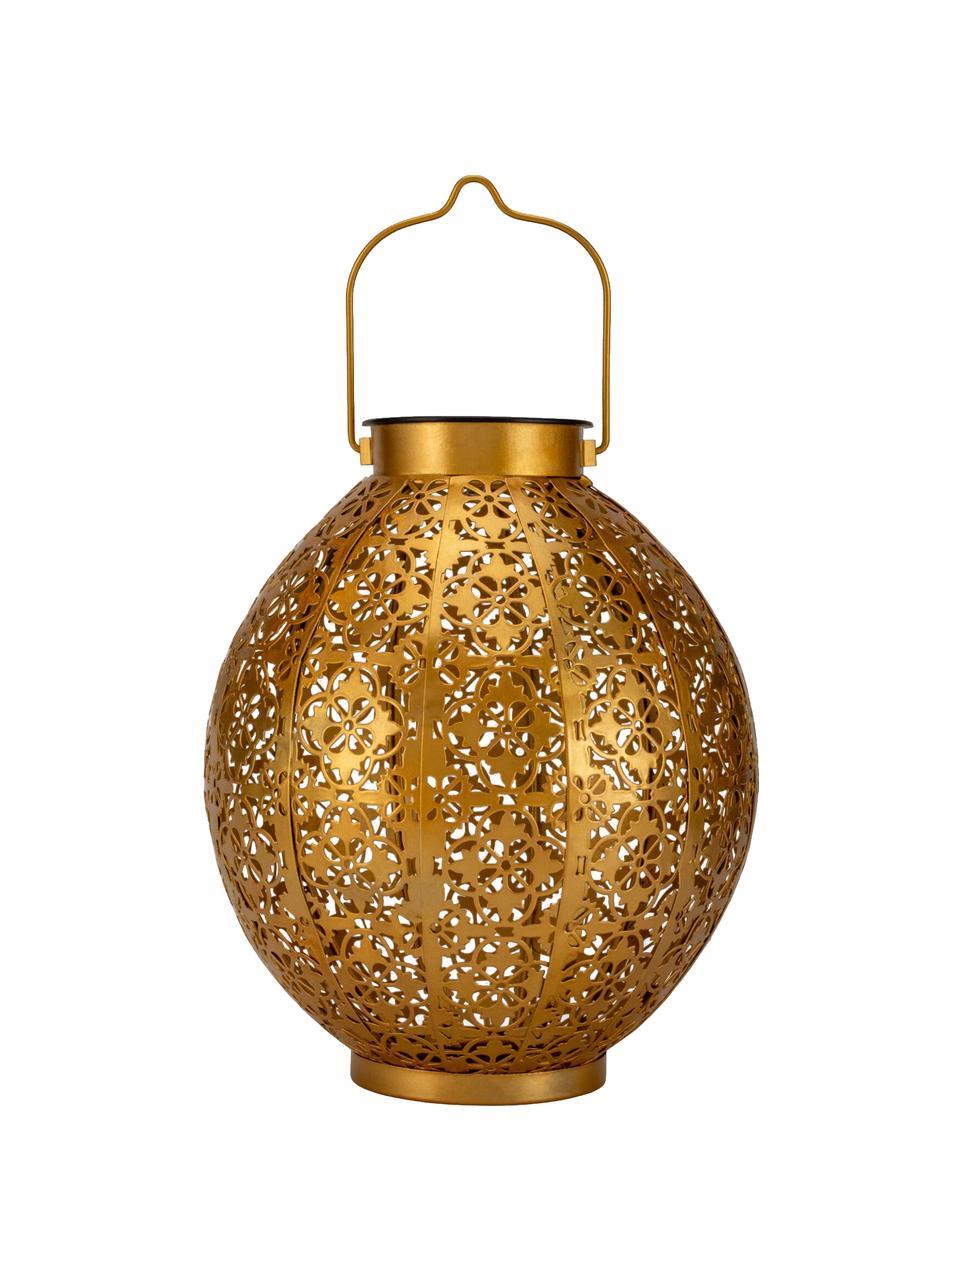 Lanterne solaire d'extérieur à poser ou suspendre Aura, Couleur dorée